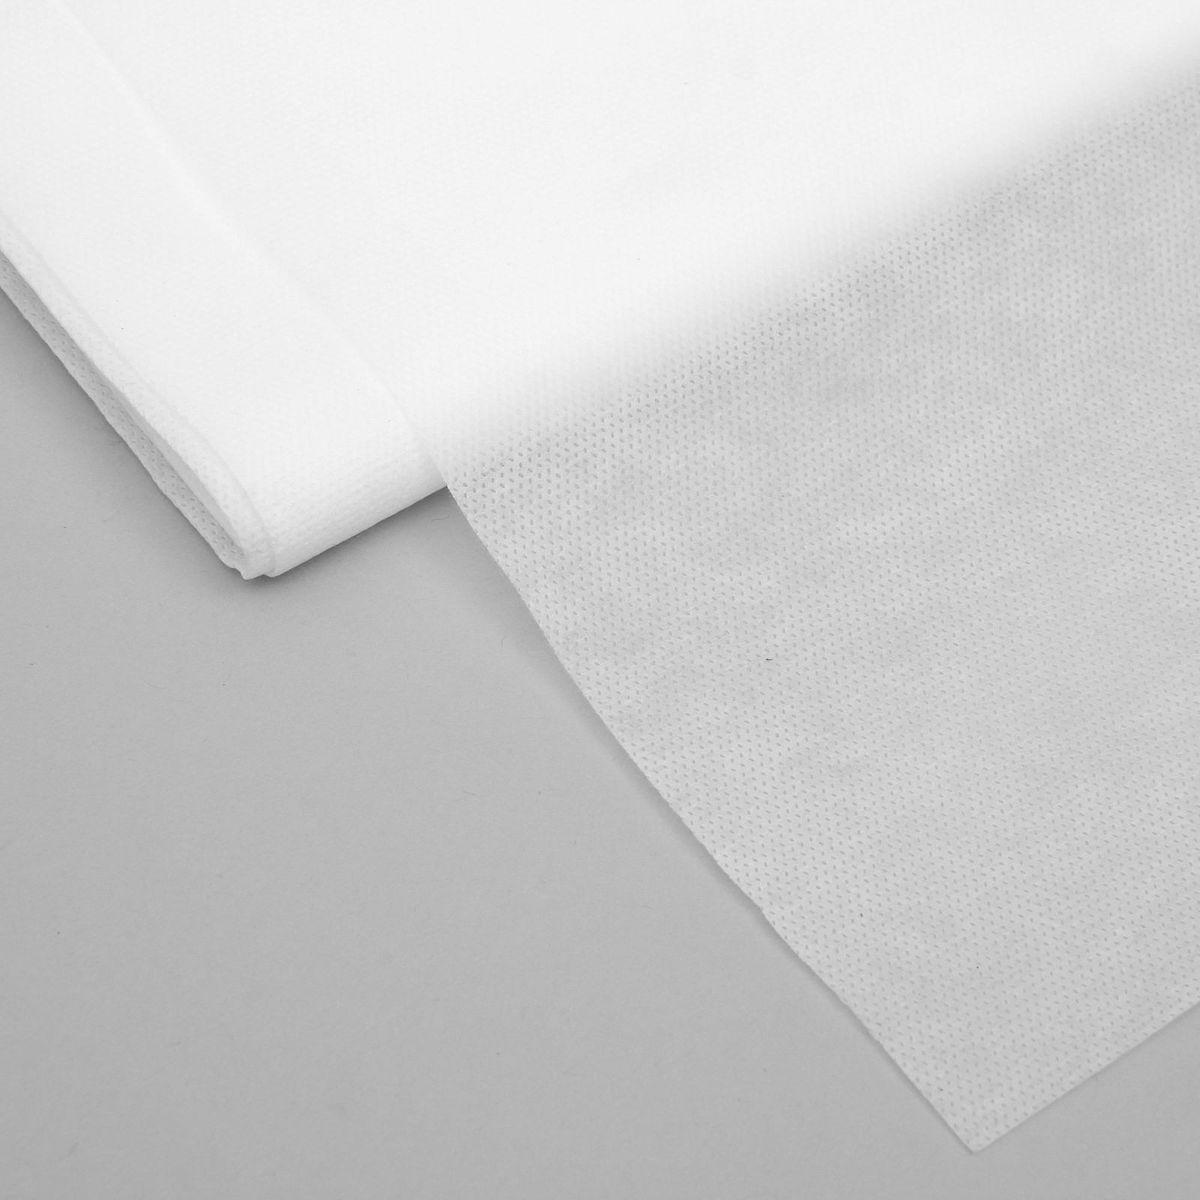 Материал укрывной Агротекс, цвет: белый, 10 х 3,2 м 693571BH0429_белыйМногофункциональность, надёжность и высокое качество — вот отличительные черты укрывного материала «Агротекс». Позаботьтесь о своих посадках заранее!Укрывной материал можно использовать на грядках. Благодаря специально разработанной текстуре он обеспечит надёжную защиту даже самых ранних побегов от:заморозковсолнечных ожоговхолодной росыдождейптиц и грызунов.Он создаёт мягкий, комфортный микроклимат, который способствует росту и развитию рассады. Благодаря новейшим разработкам укрывной материал удерживает влагу, и растения реже нуждаются в поливе.Ближе к зиме опытные садоводы укутывают им стволы деревьев, теплицы и грядки, чтобы исключить промерзание земли и корневой системы. Материал «Агротекс» поможет вам ускорить процесс созревания растений, повысит урожайность, сэкономит средства и силы по уходу за садом.